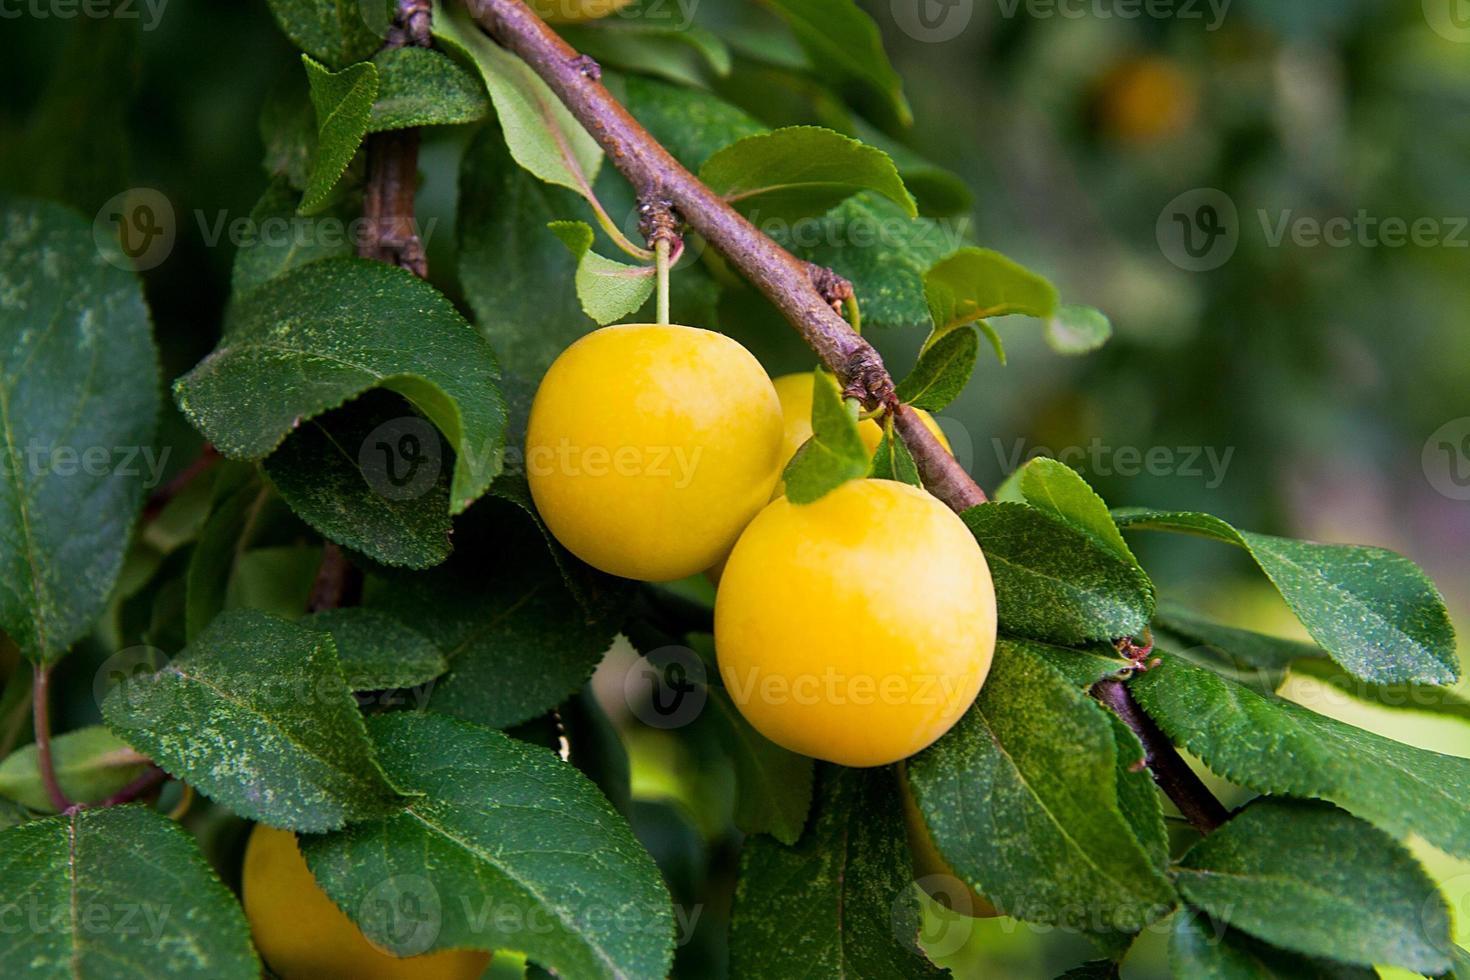 Mature yellow cherry plum. photo